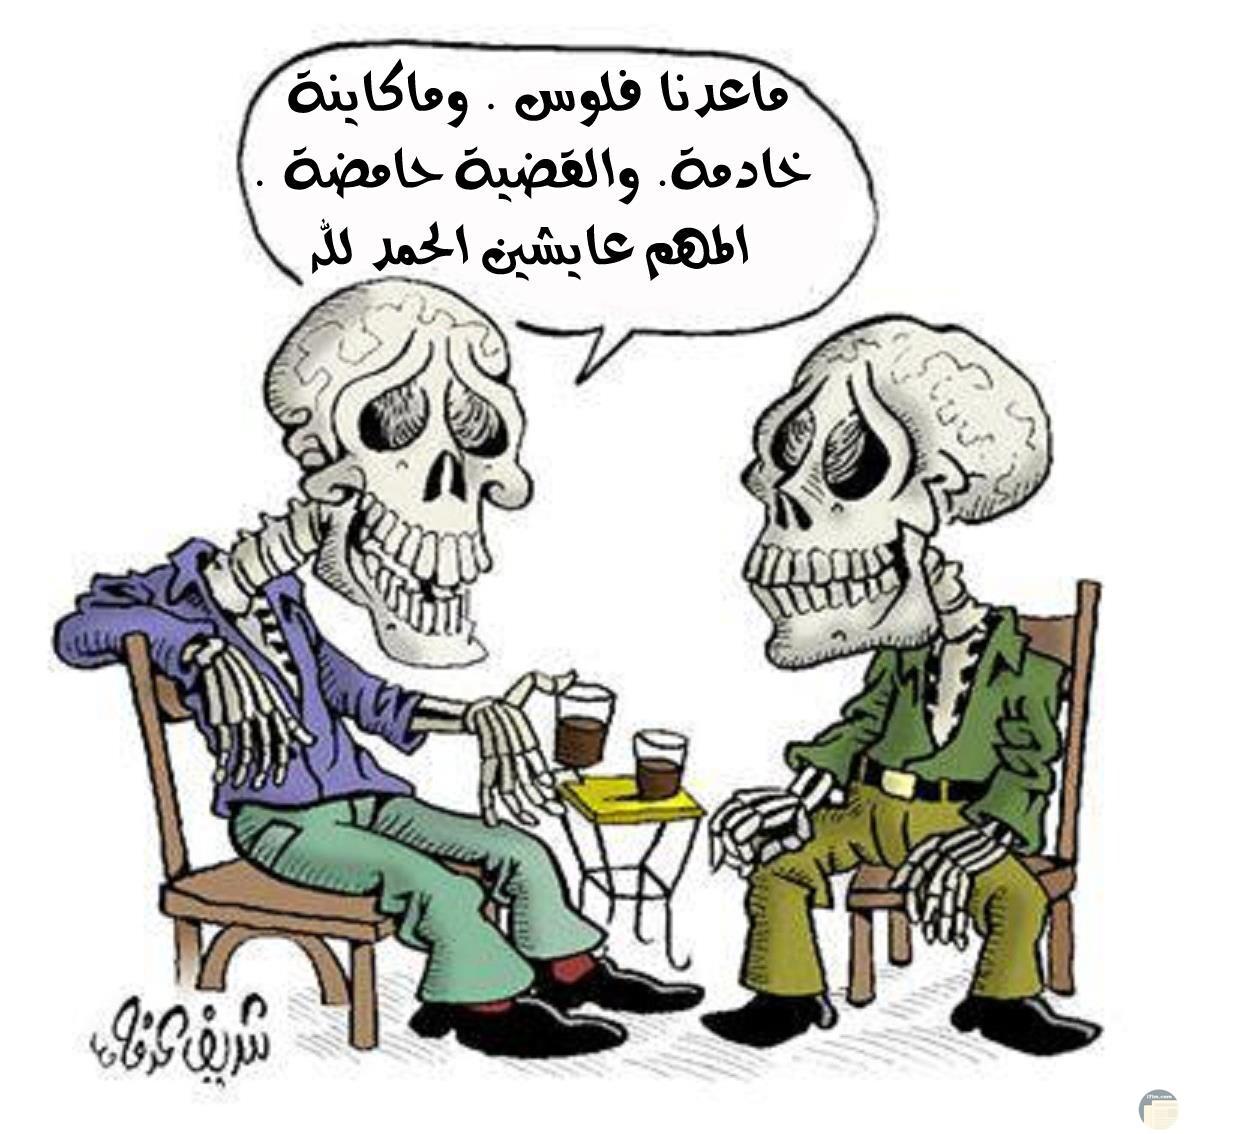 نوكت مغربية مضحكة